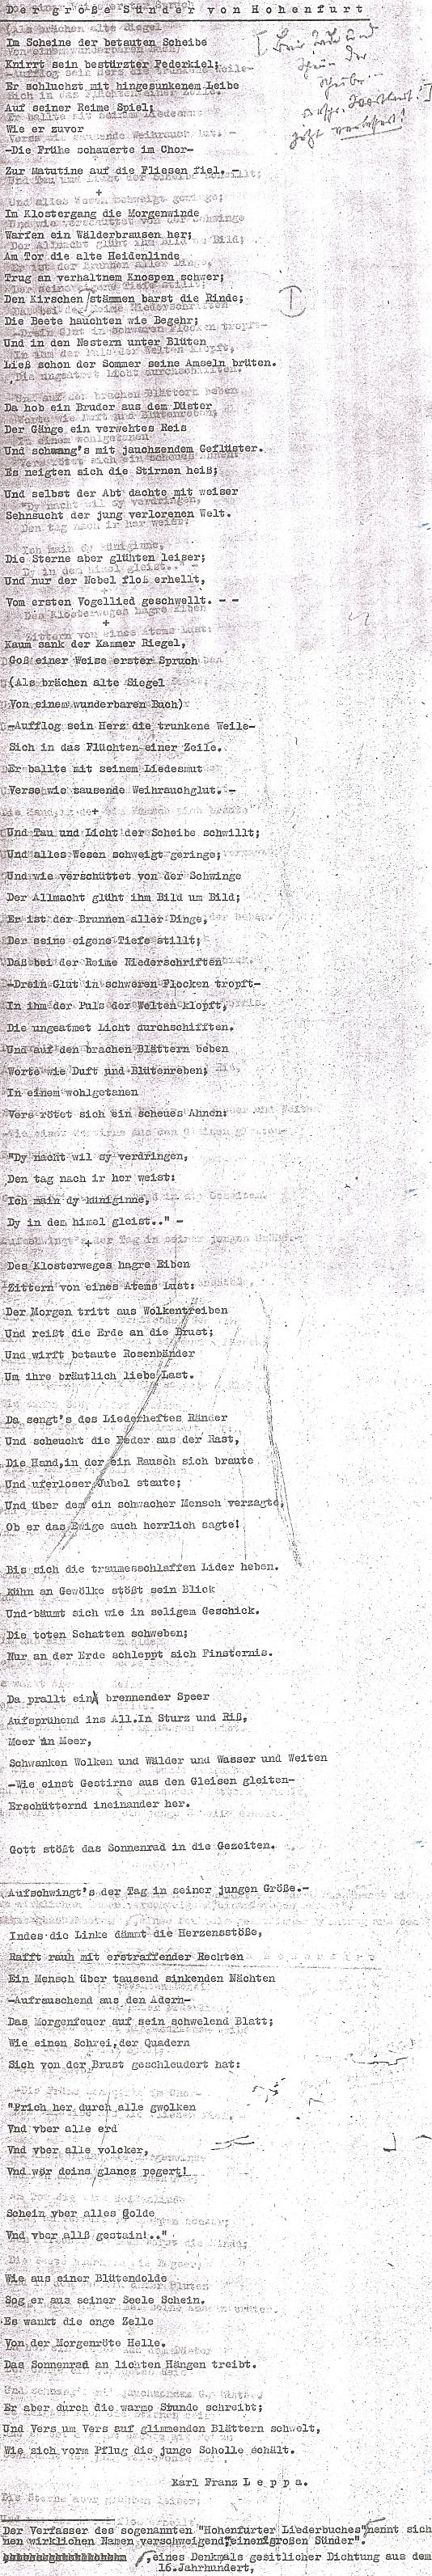 """Takto se v chatrné kopii dochovala báseň Karla Franze Leppy o """"velkém hříšníkovi z Vyššího Brodu"""", anonymním autorovi 15. či 16. století"""